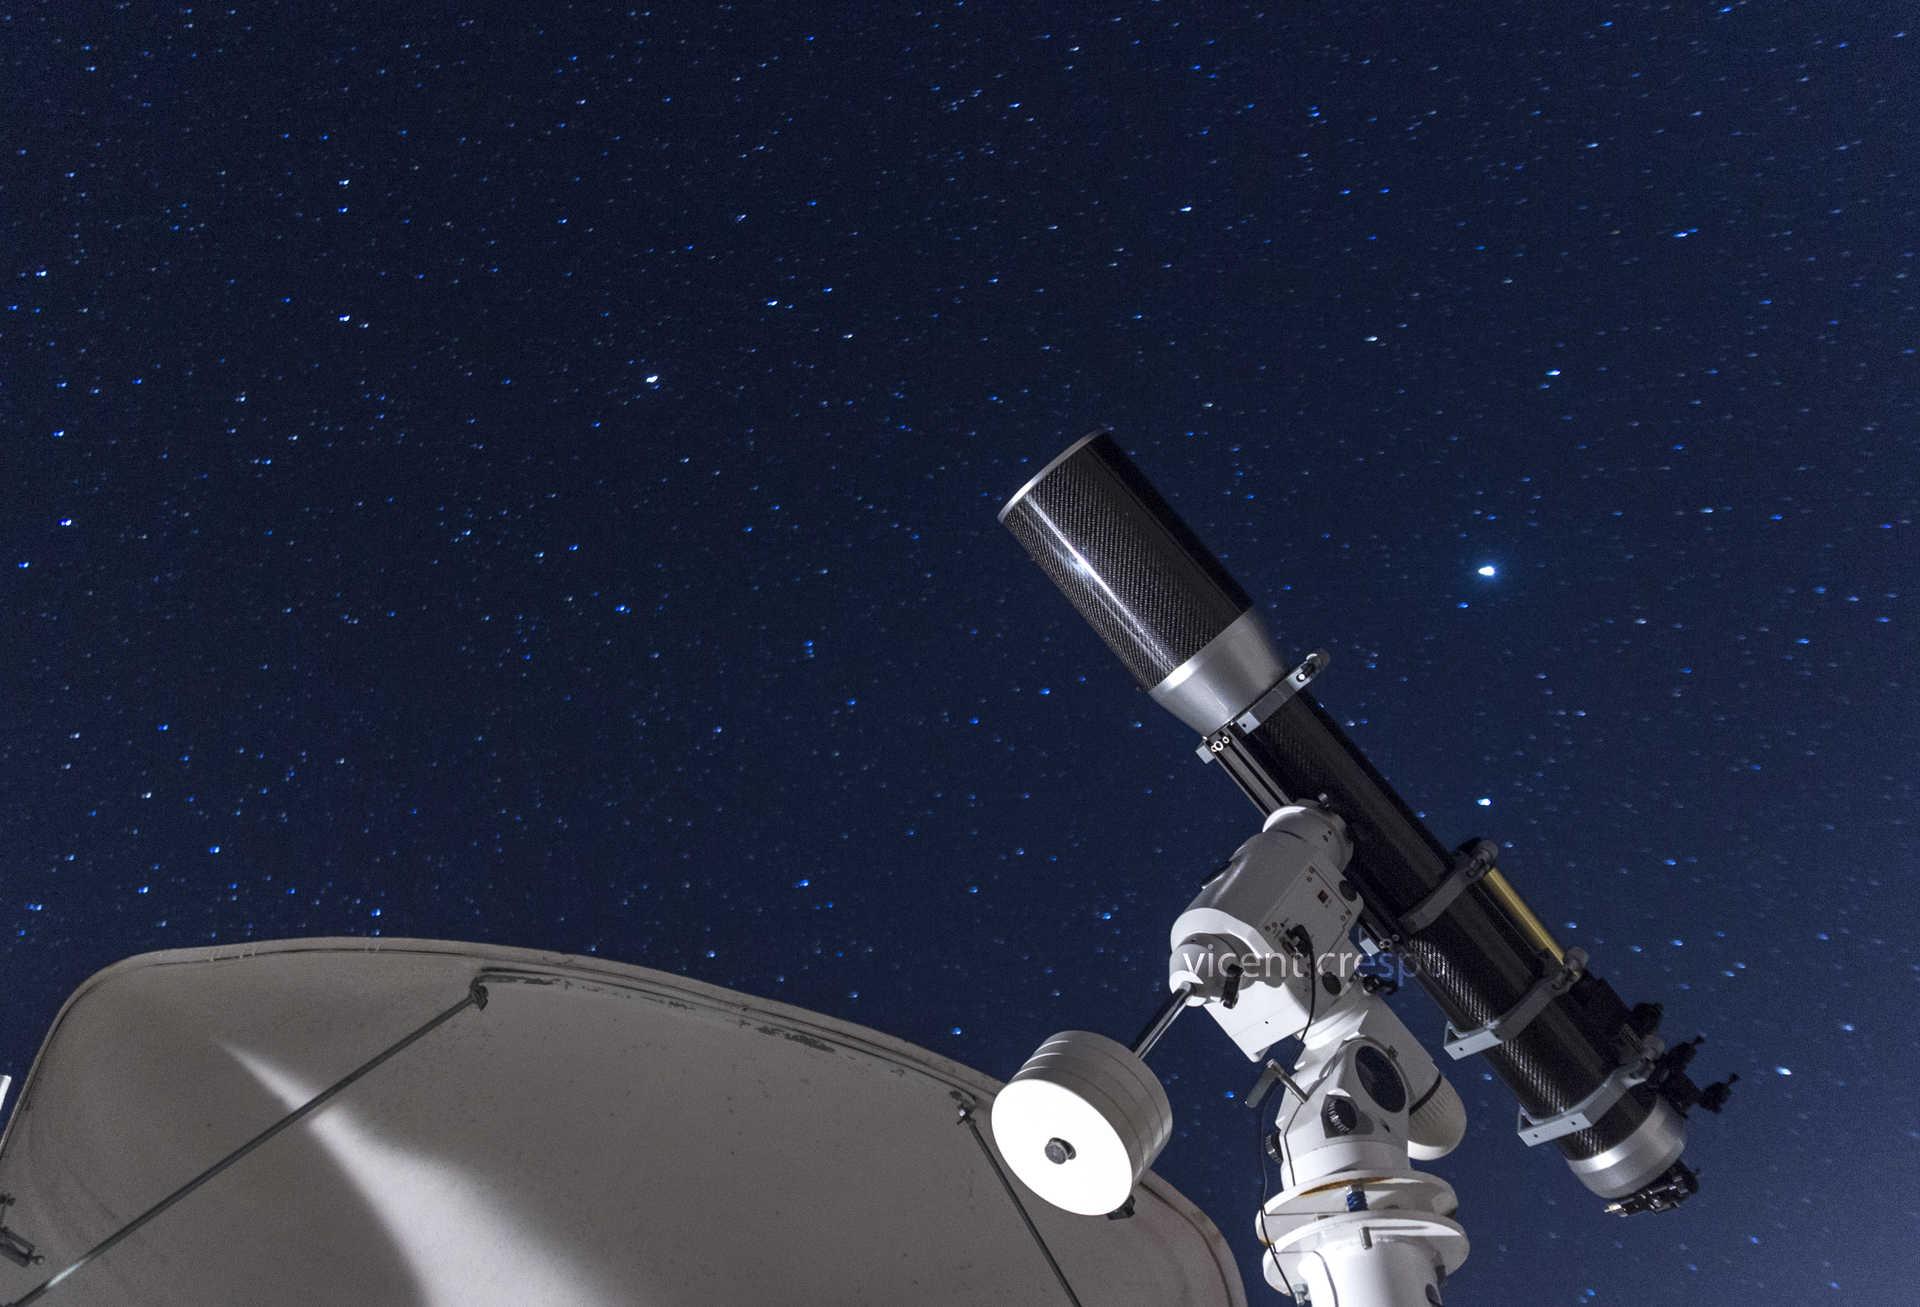 astromaestrat observatorio astronómico turístico de culla